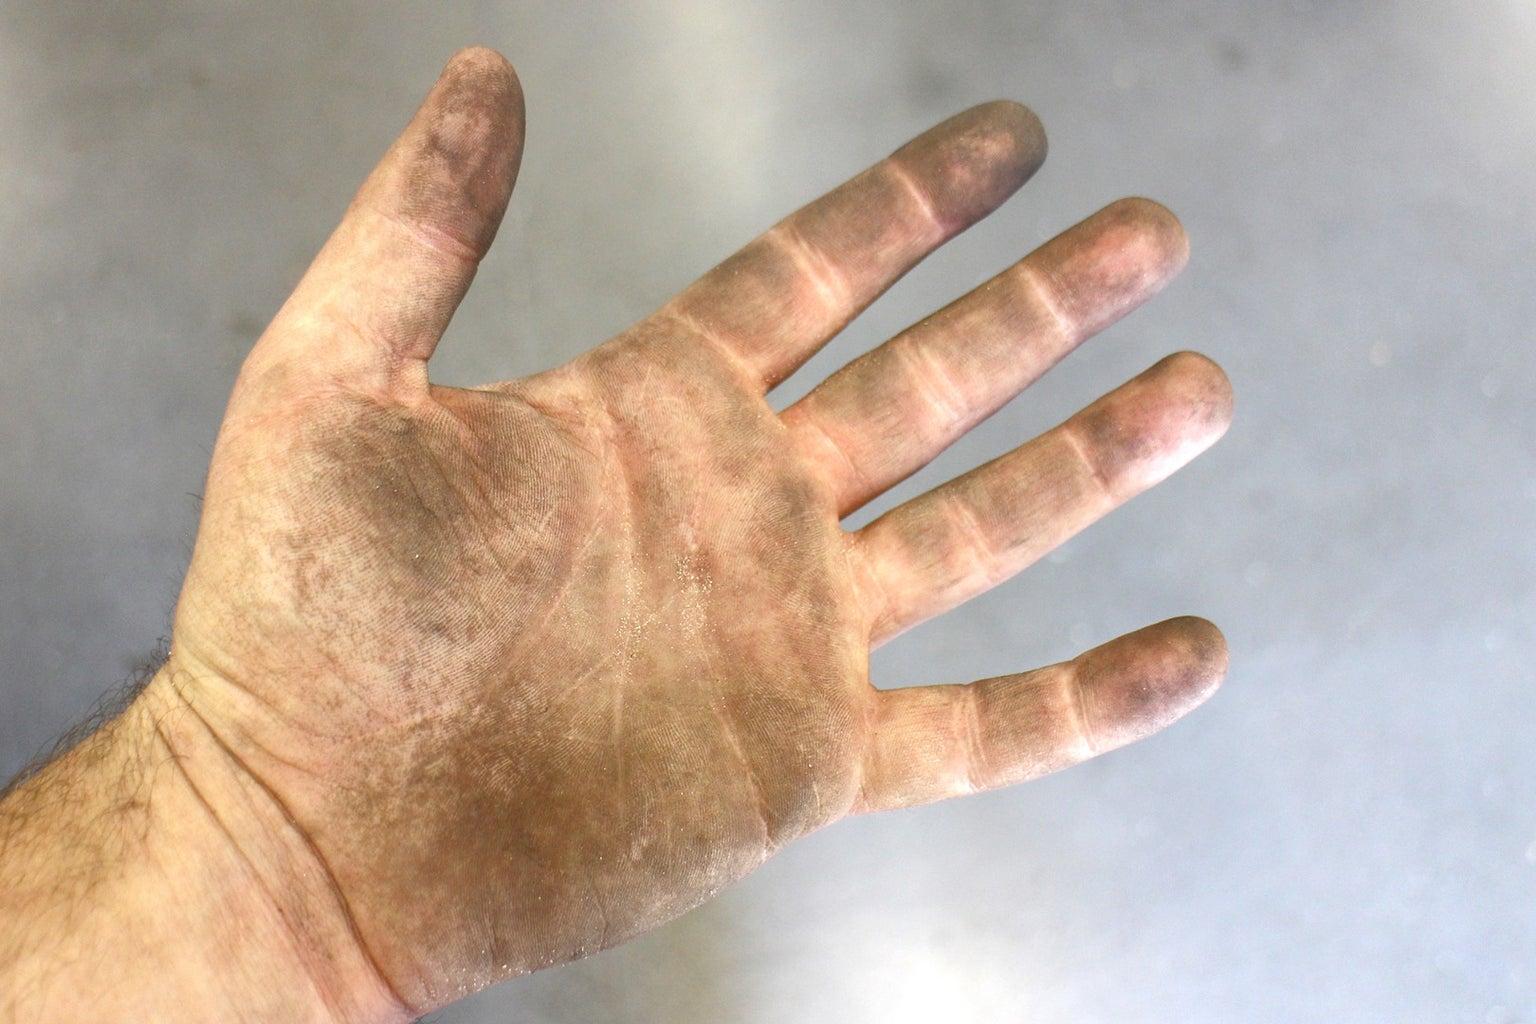 De-grease Your Hands